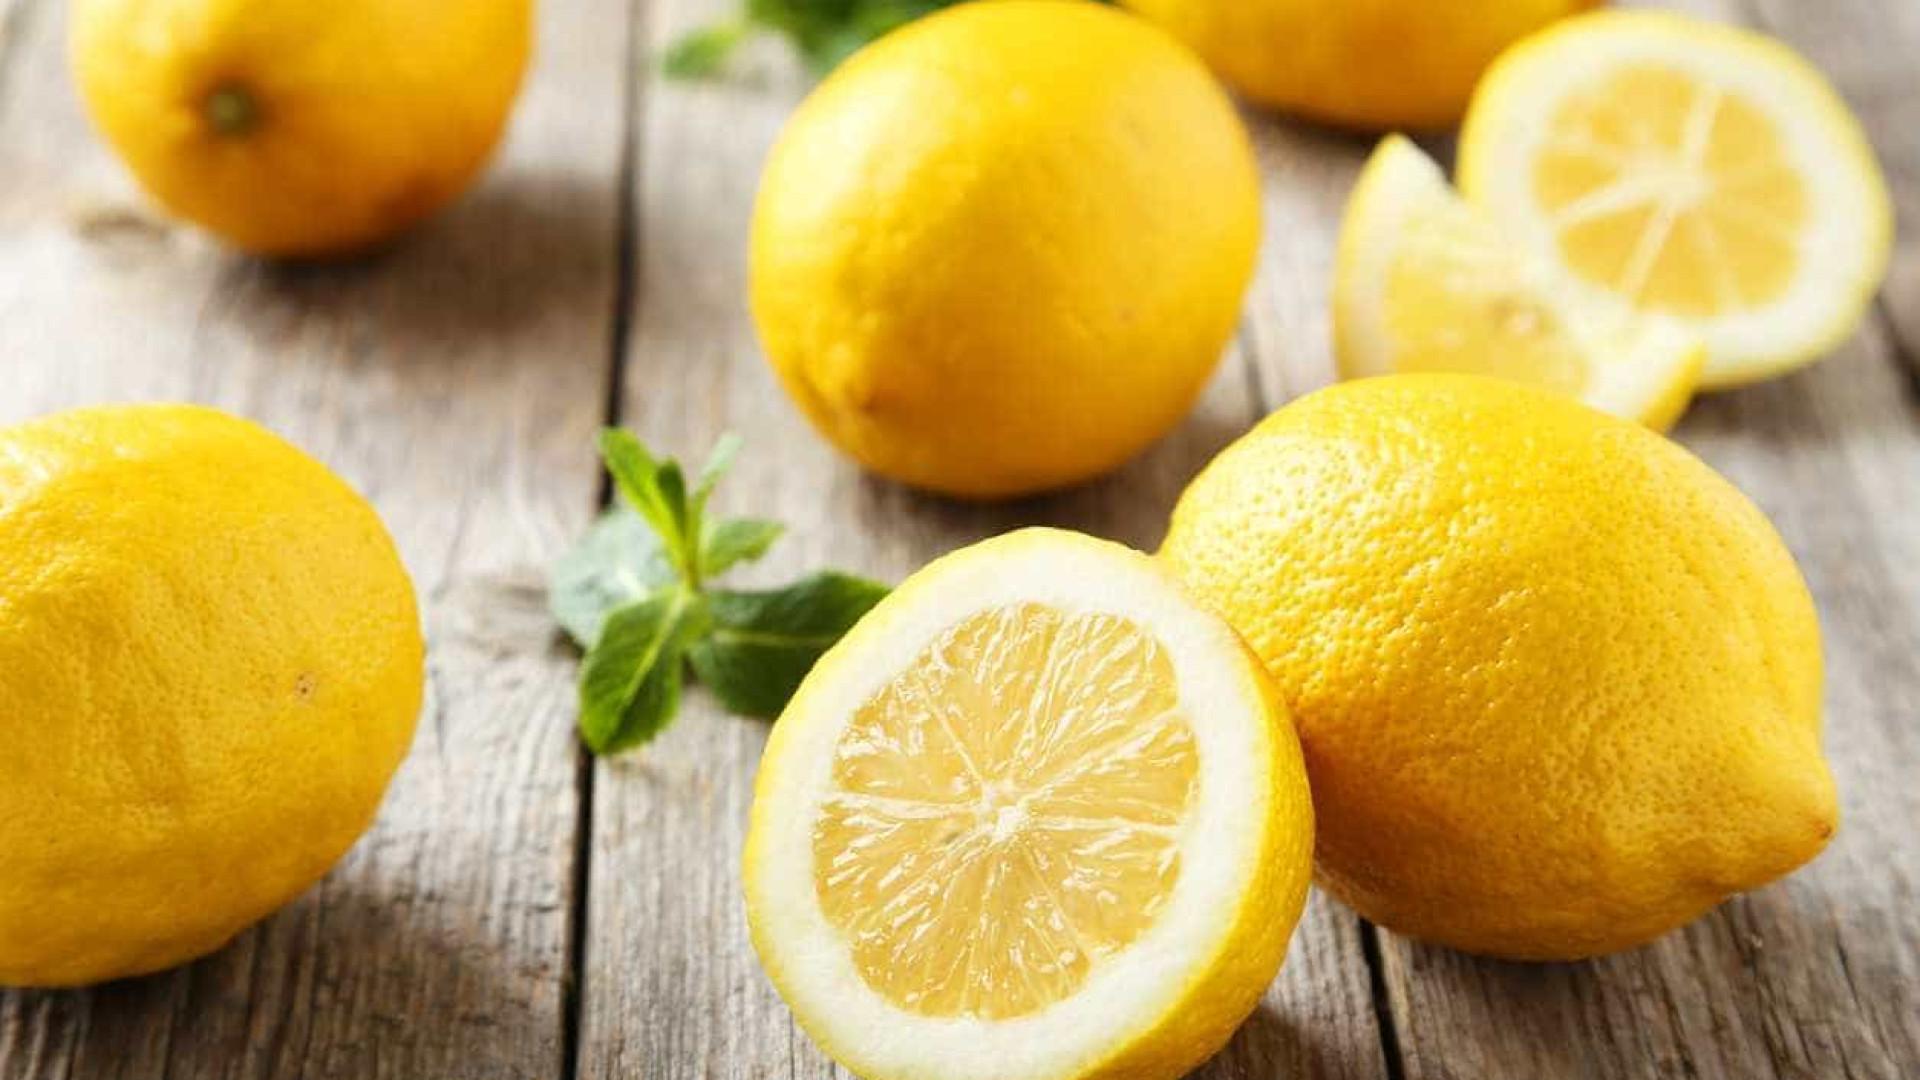 De arroz soltinho a tirar sal do feijão: aprenda truques com limão